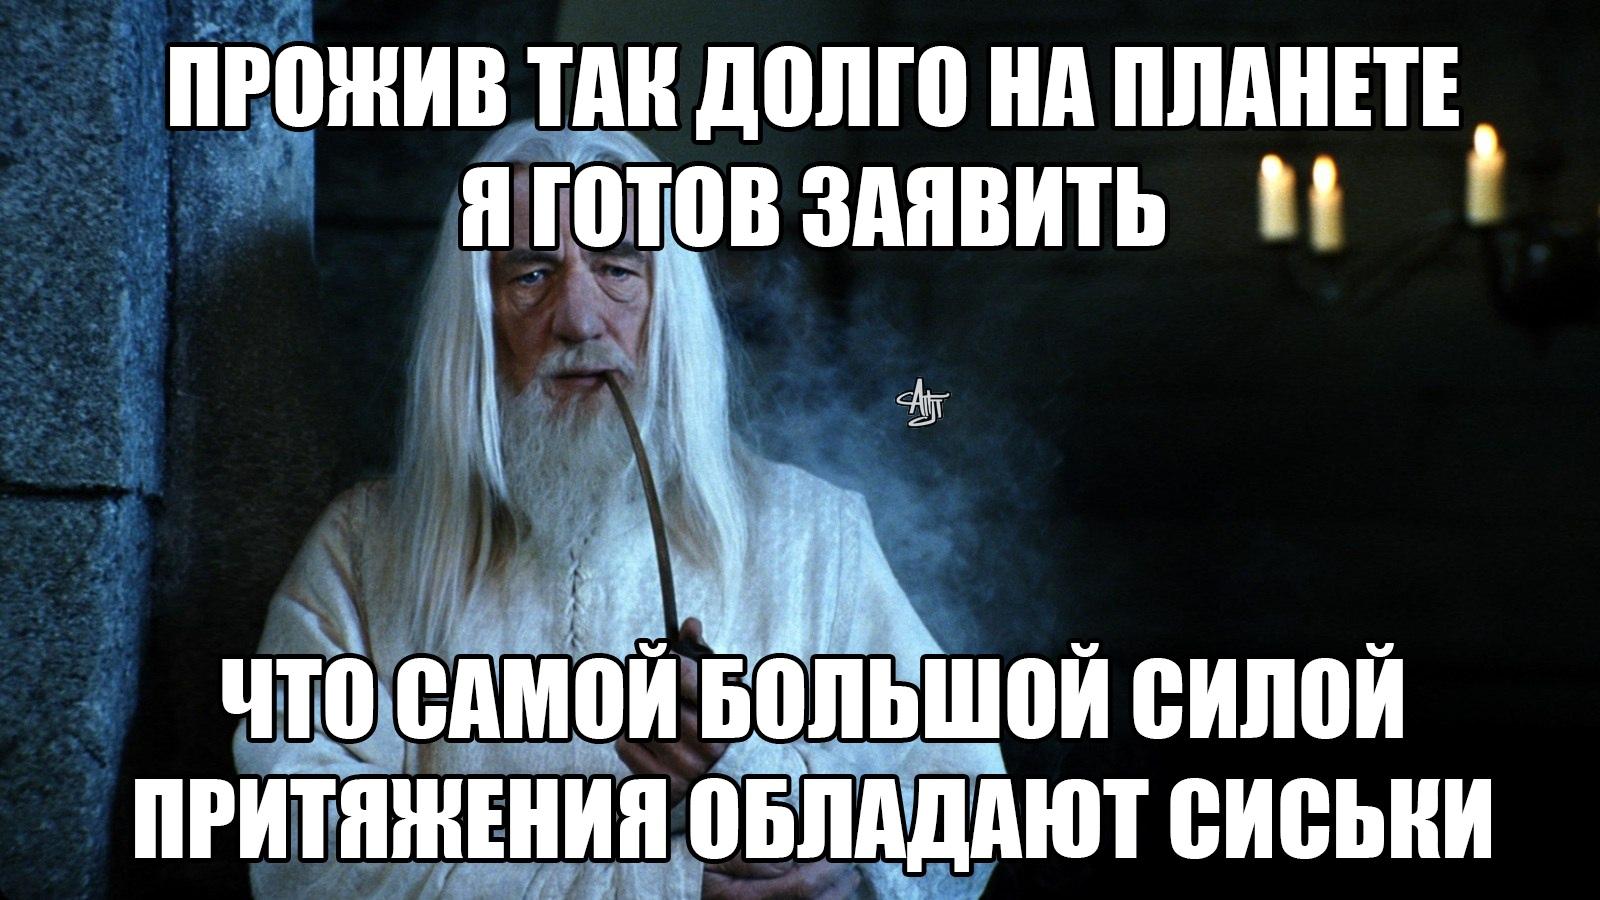 https://pp.userapi.com/c824701/v824701636/188836/MMisYwUnC0U.jpg